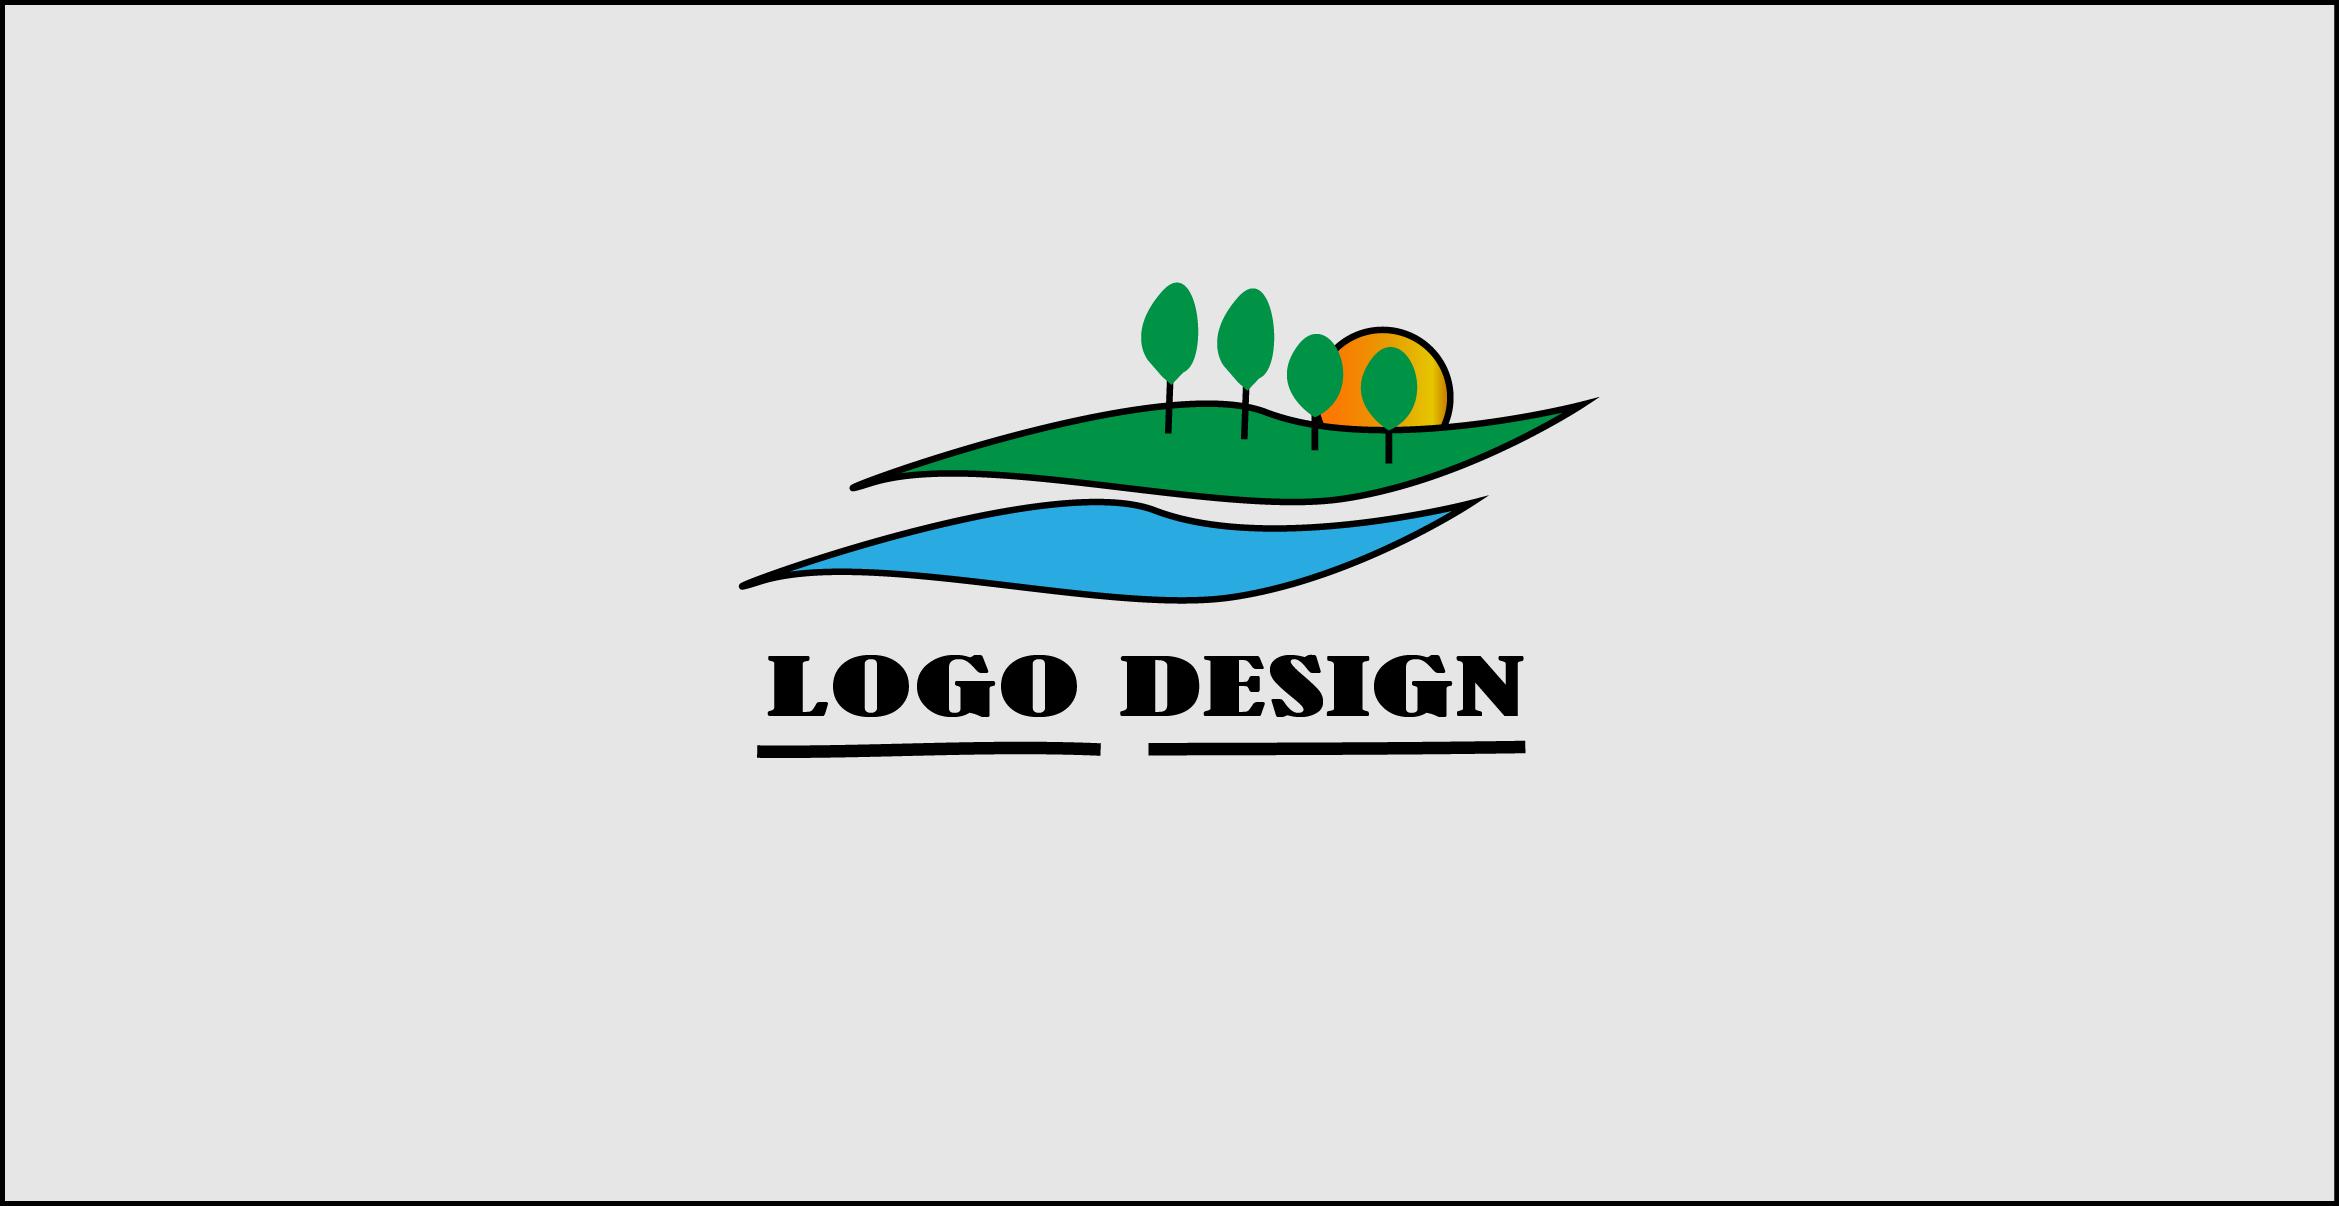 I am a graphics designer. I can make logo design